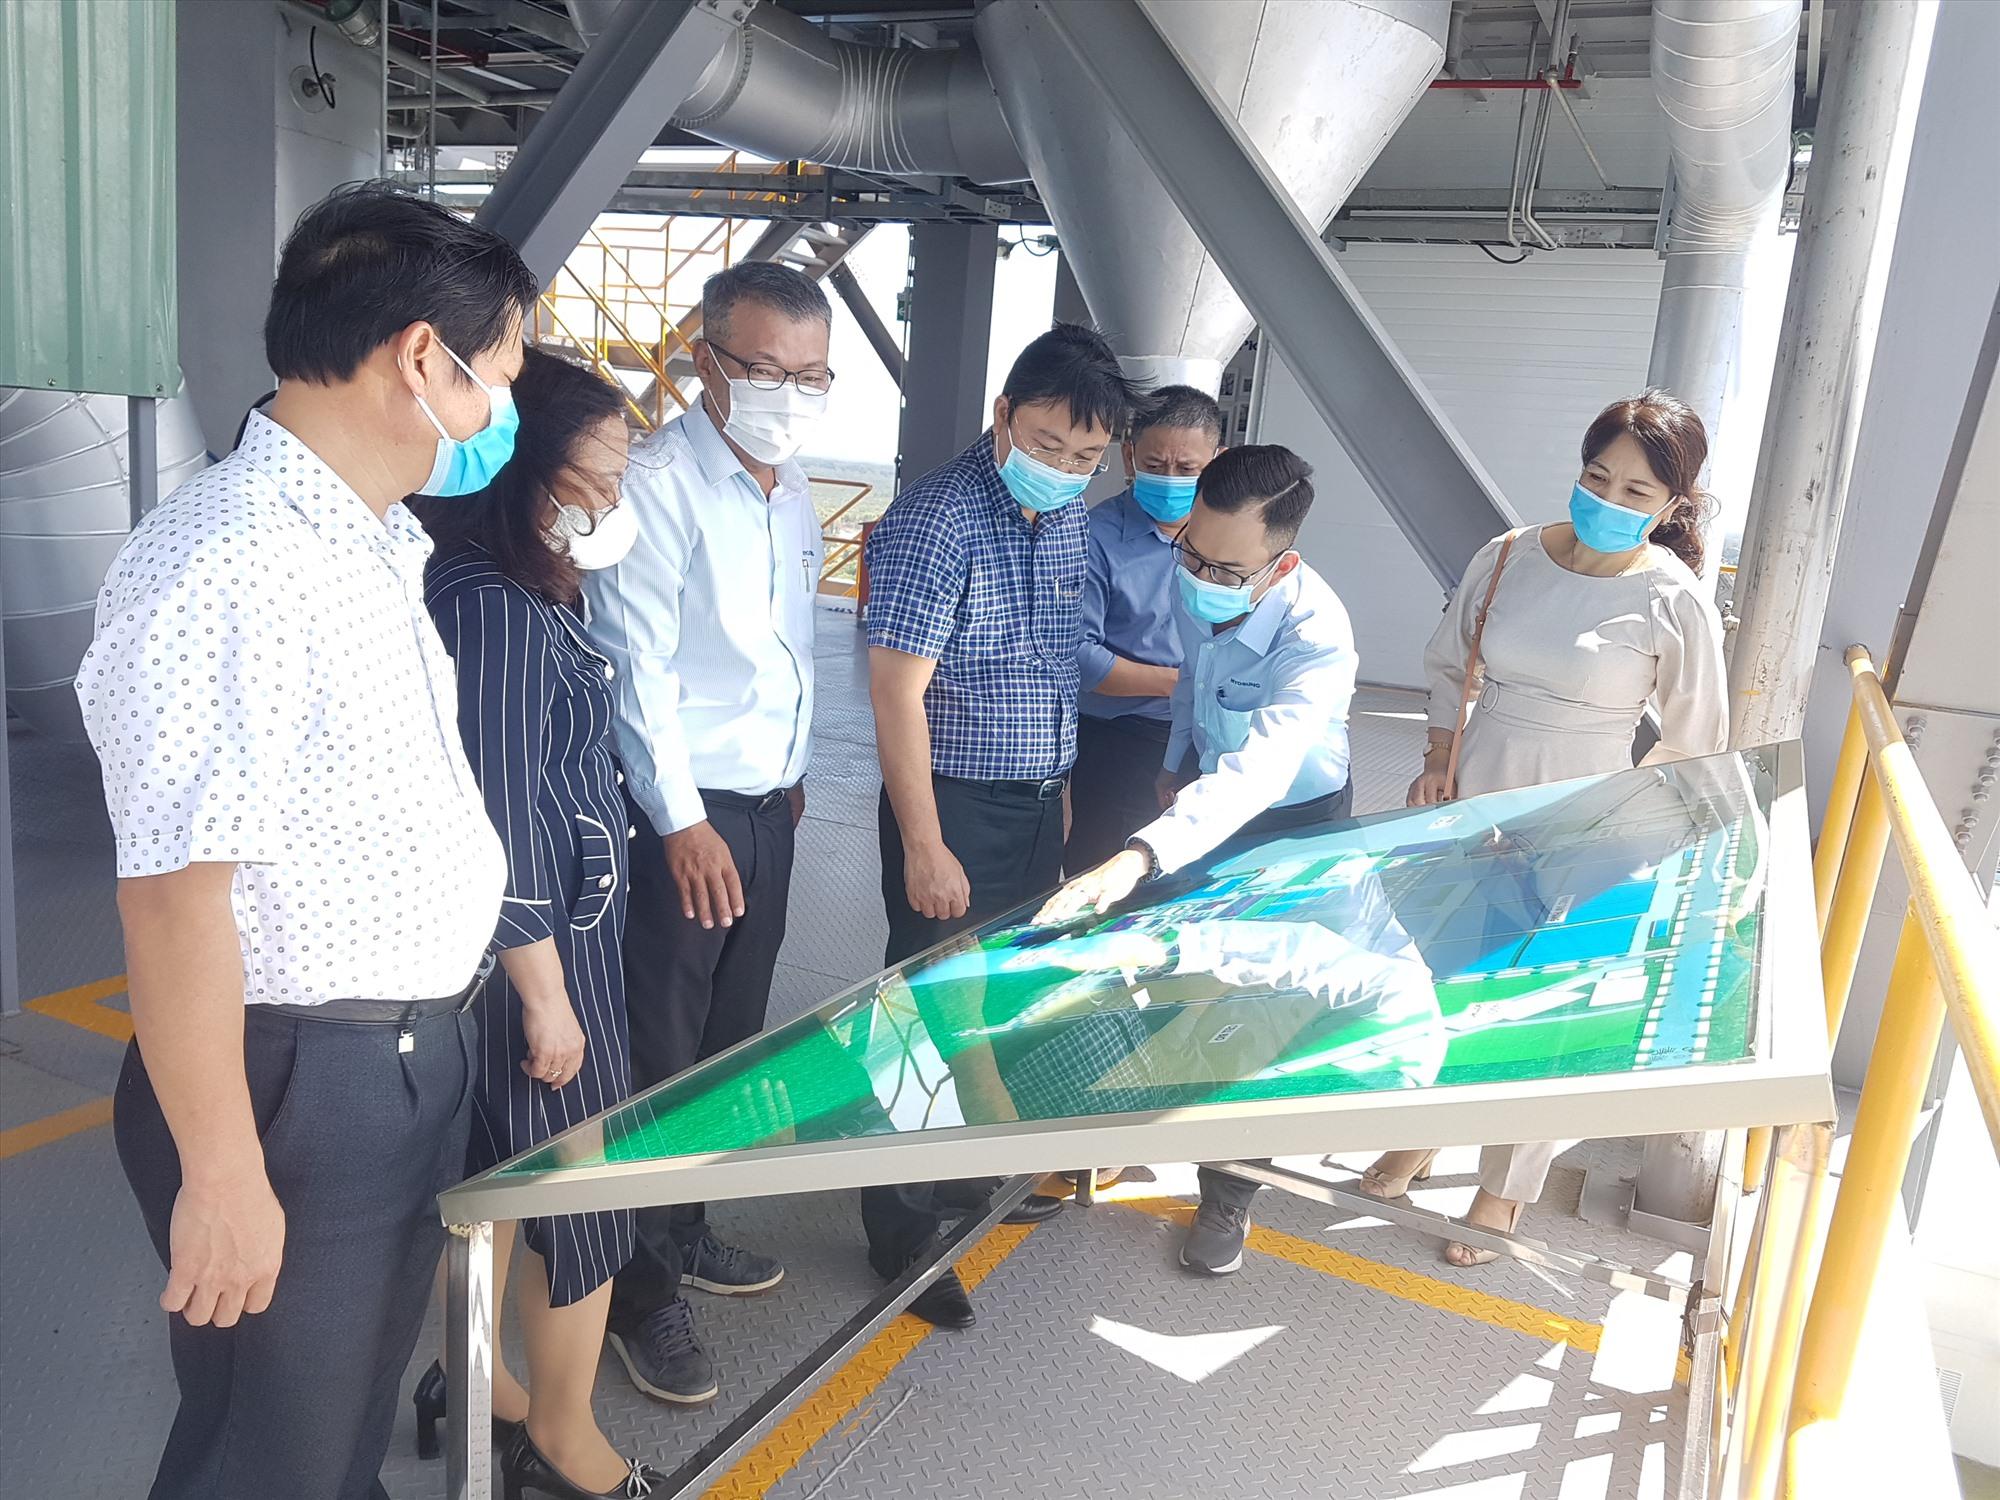 Lãnh đạo tỉnh cùng đoàn công tác thăm, động viên doanh nghiệp ở Khu công nghiệp Tam Thăng trong bối cảnh dịch bệnh khiến doanh nghiệp khó khăn. Ảnh: D.LỆ